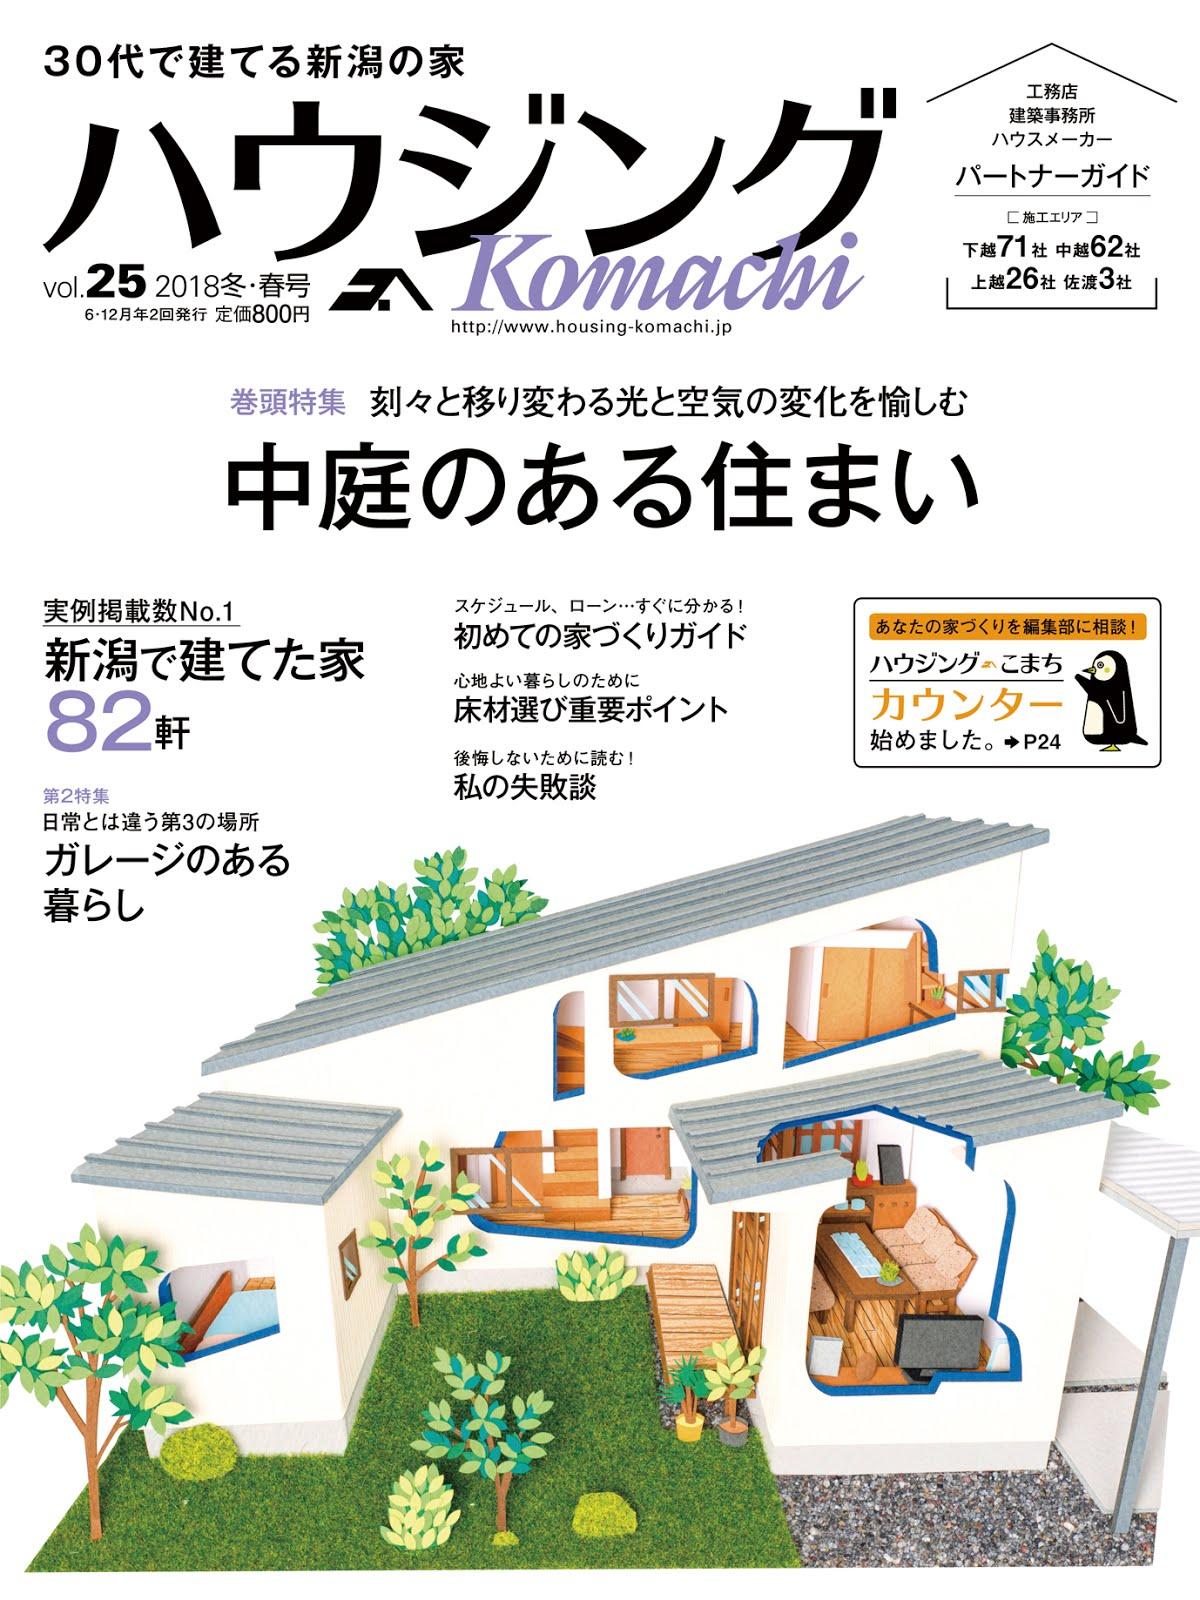 ハウジングこまち最新号発売中!